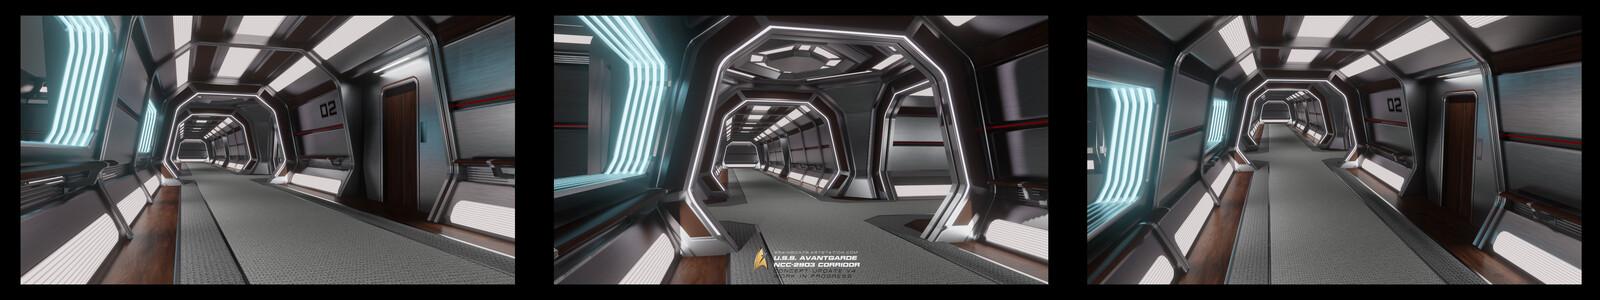 U.S.S. Avantgarde Corridor Concept V4 UDPATE